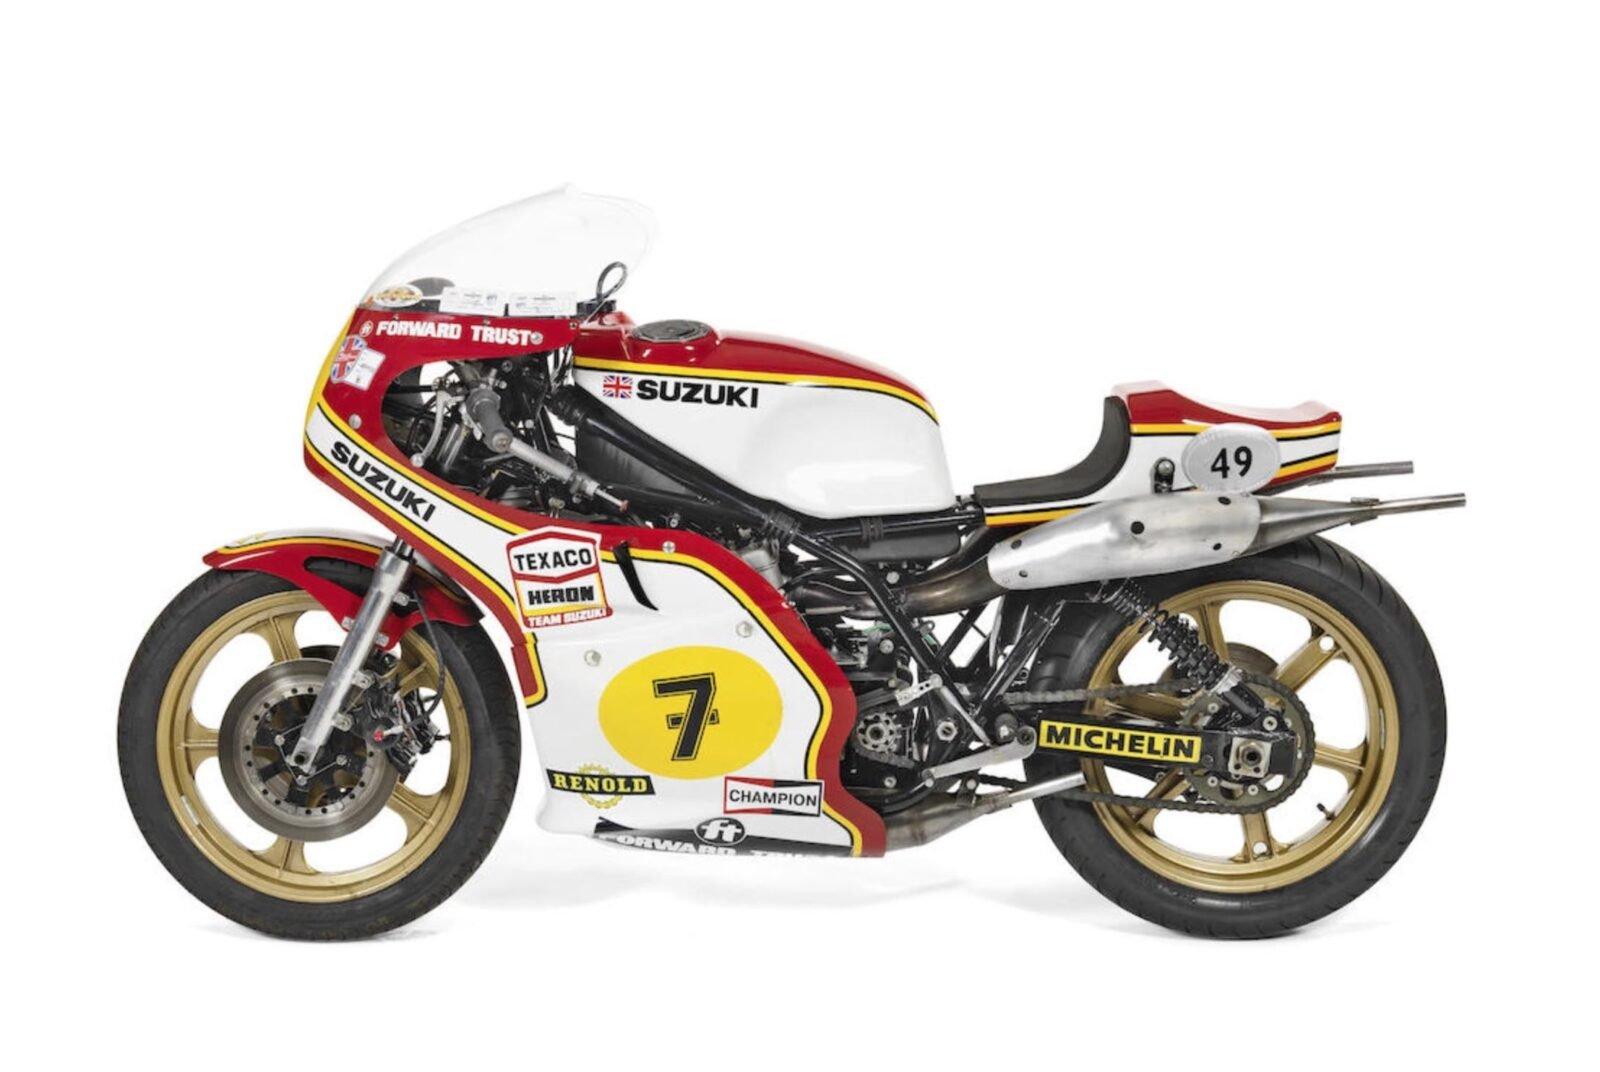 Suzuki RG500 XR14 3 1600x1072 - 1976 Suzuki RG500 XR14